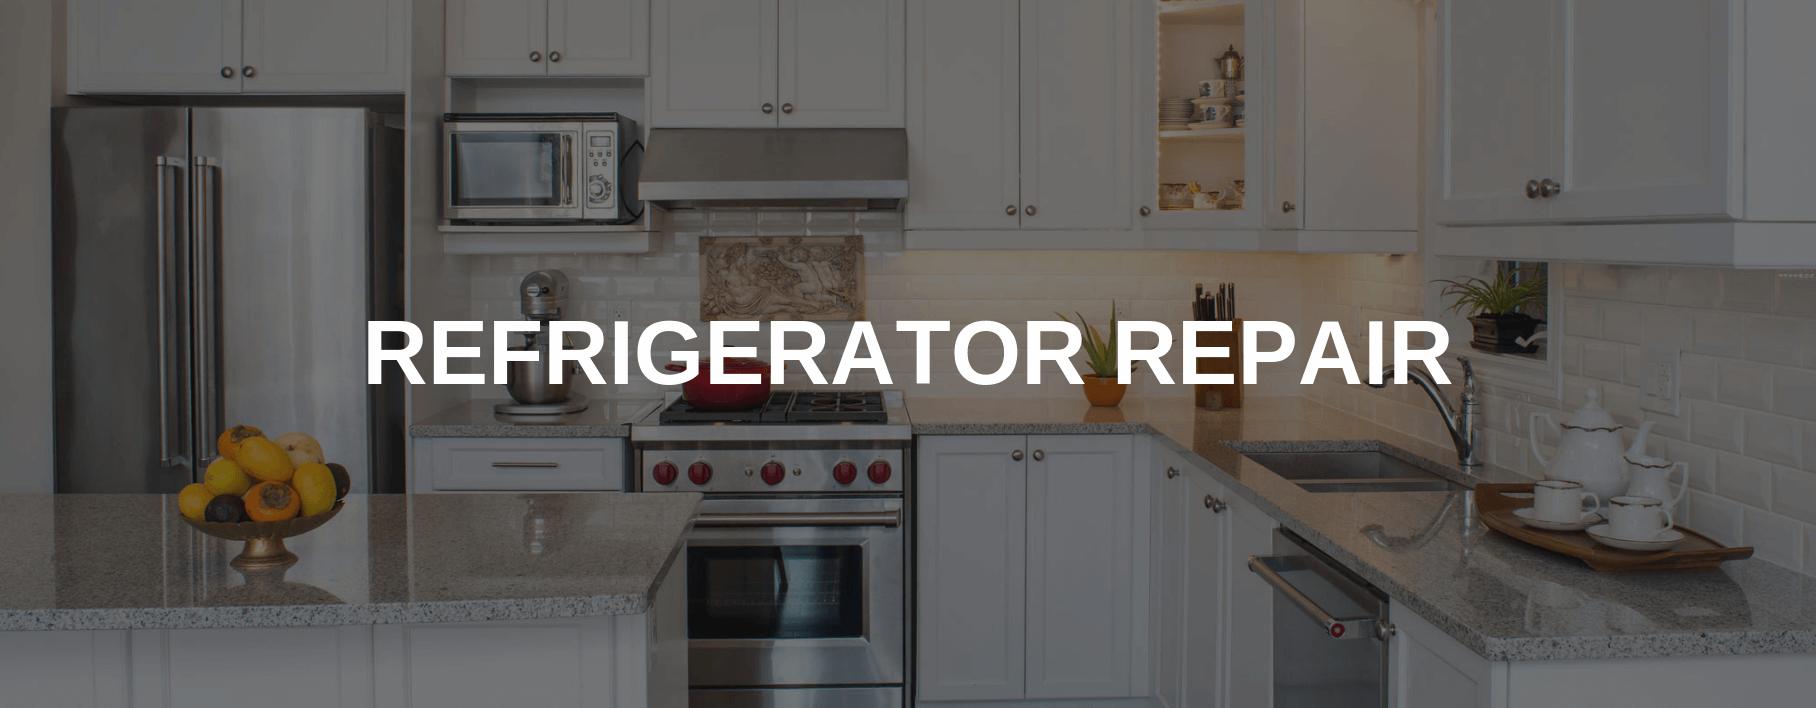 refrigerator repair windsor